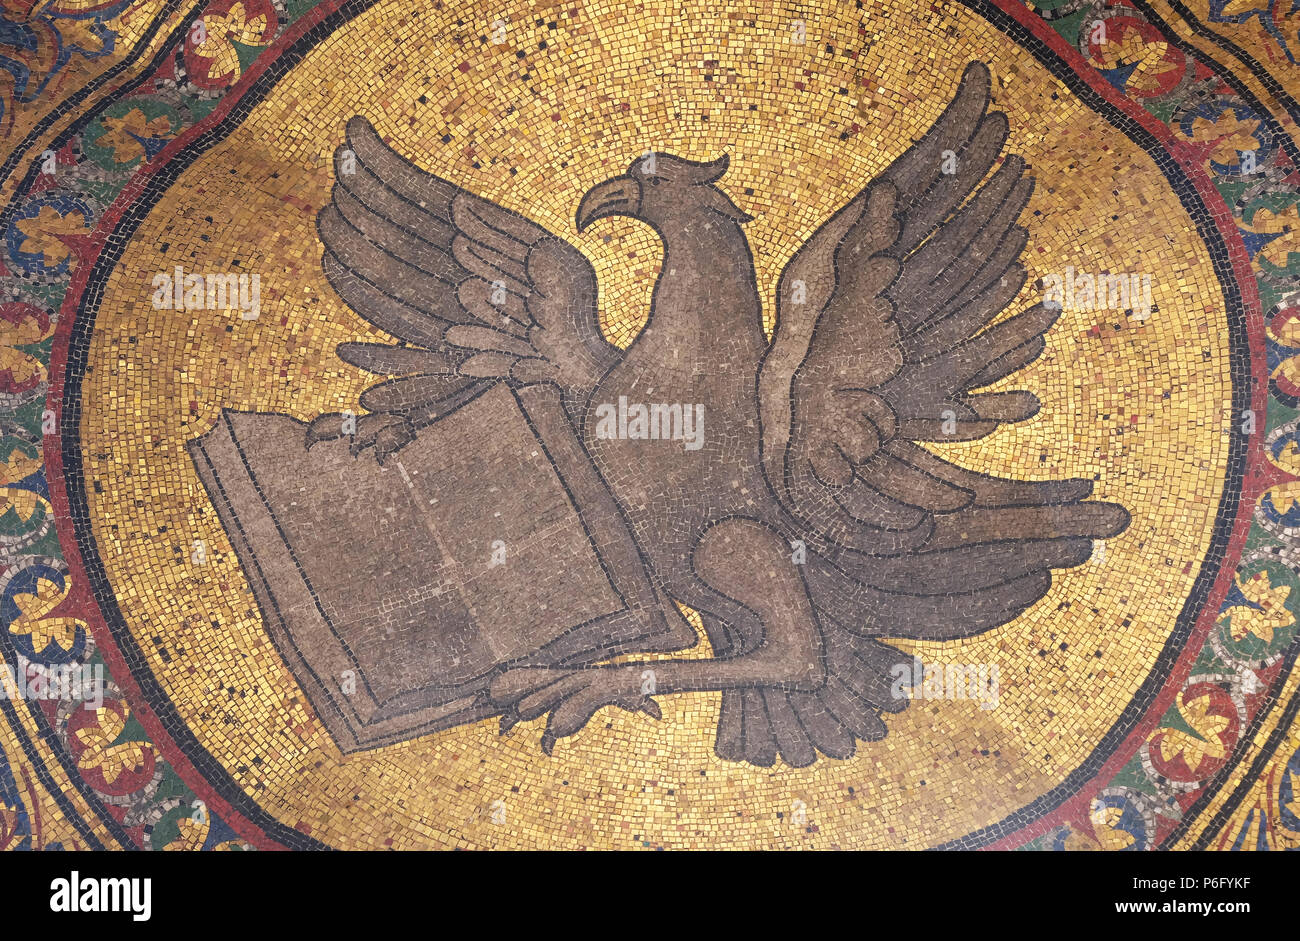 Símbolo de San Juan Evangelista, el mosaico de la fachada de la Basílica de San Marcos, la Plaza de San Marcos, en Venecia, Italia Foto de stock